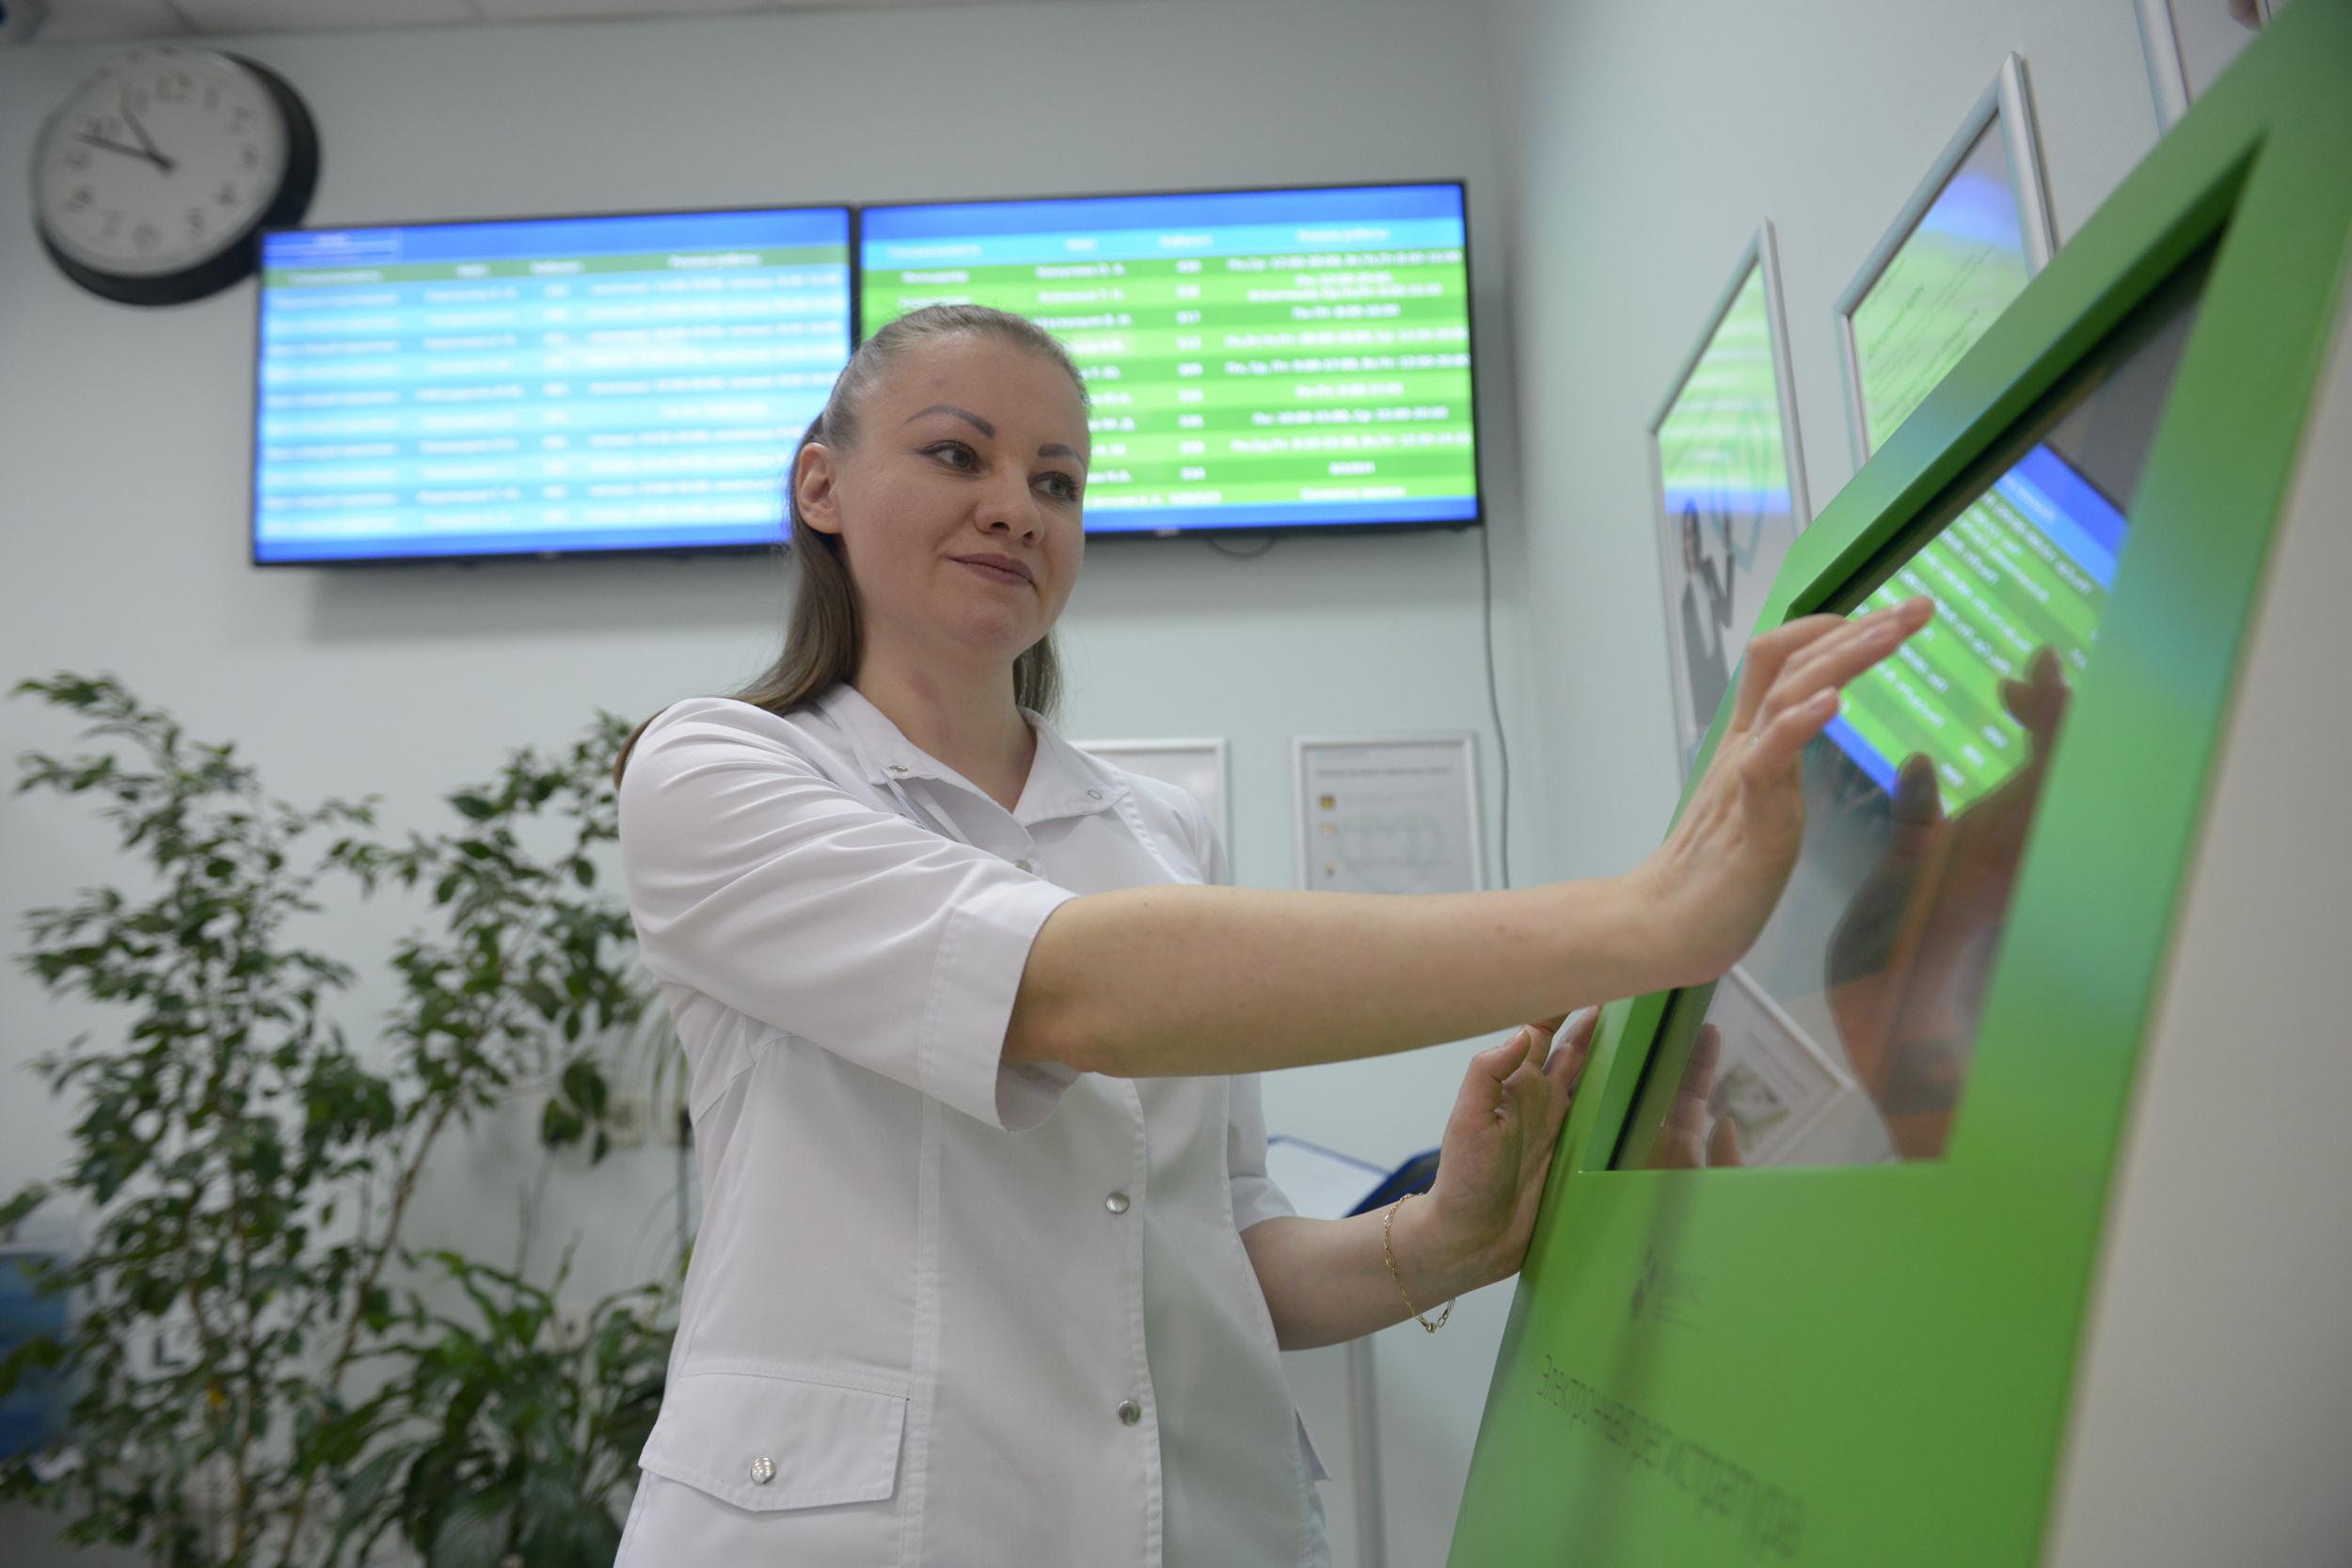 Бесплатная скрининговая программа пользуется популярностью у москвичей